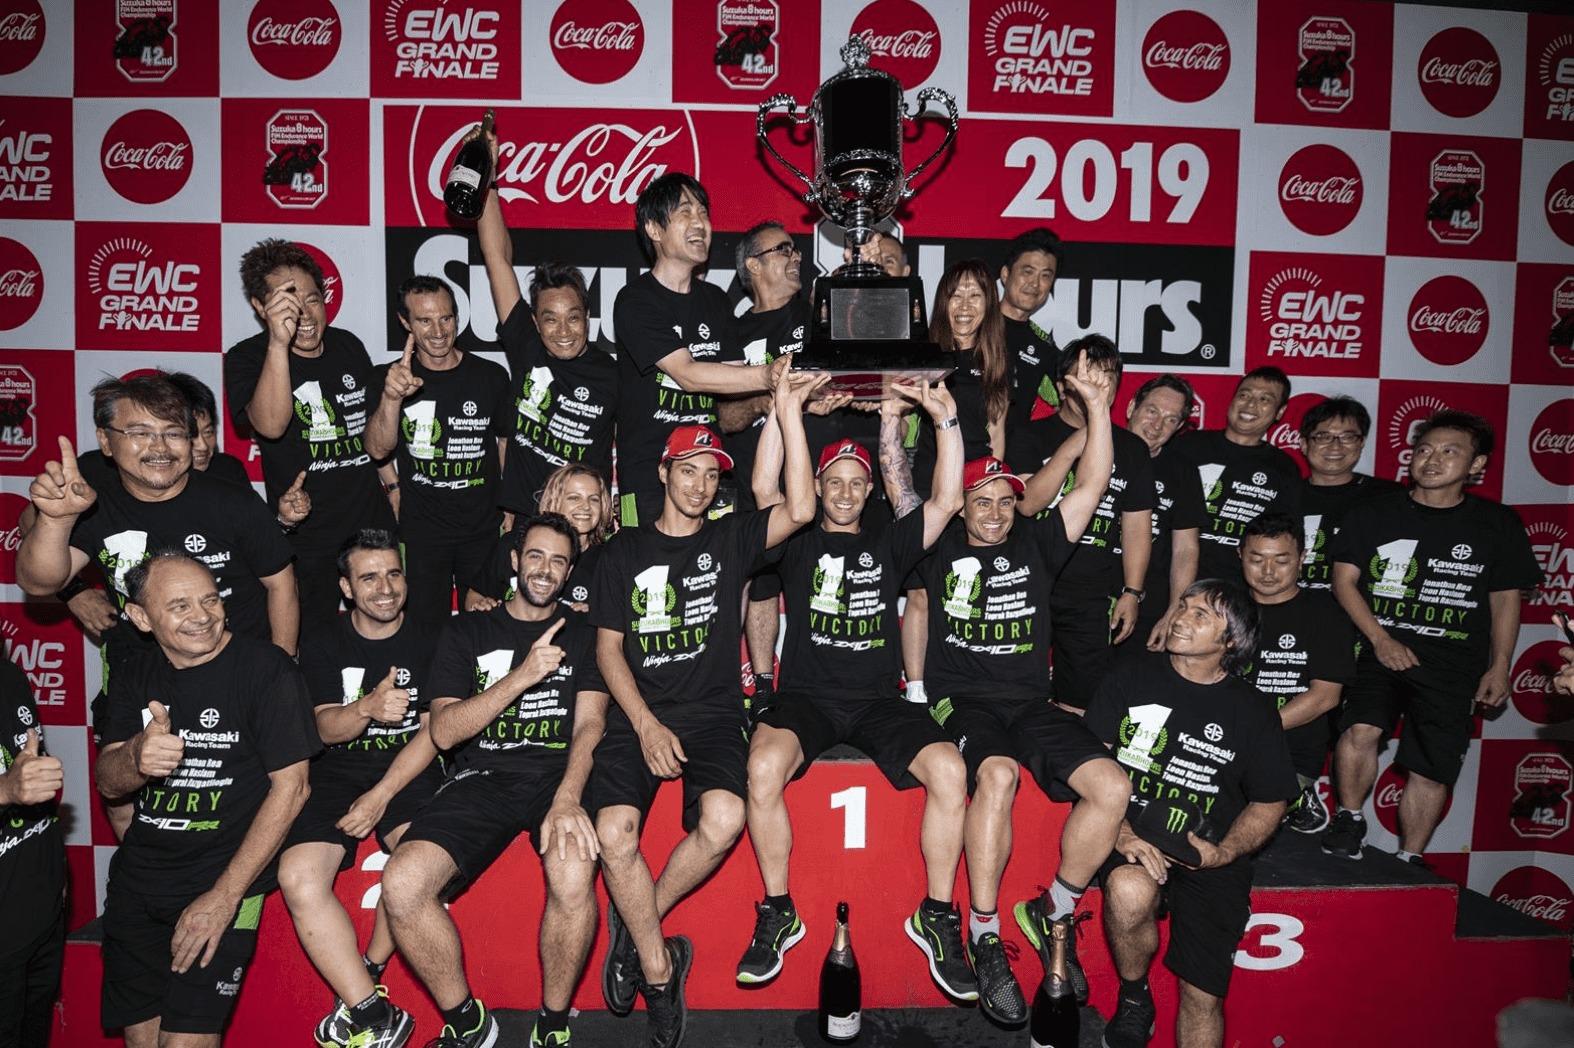 鈴鹿8耐優勝 ジョナサン・レイ「また鈴鹿8耐に戻ってきたい」